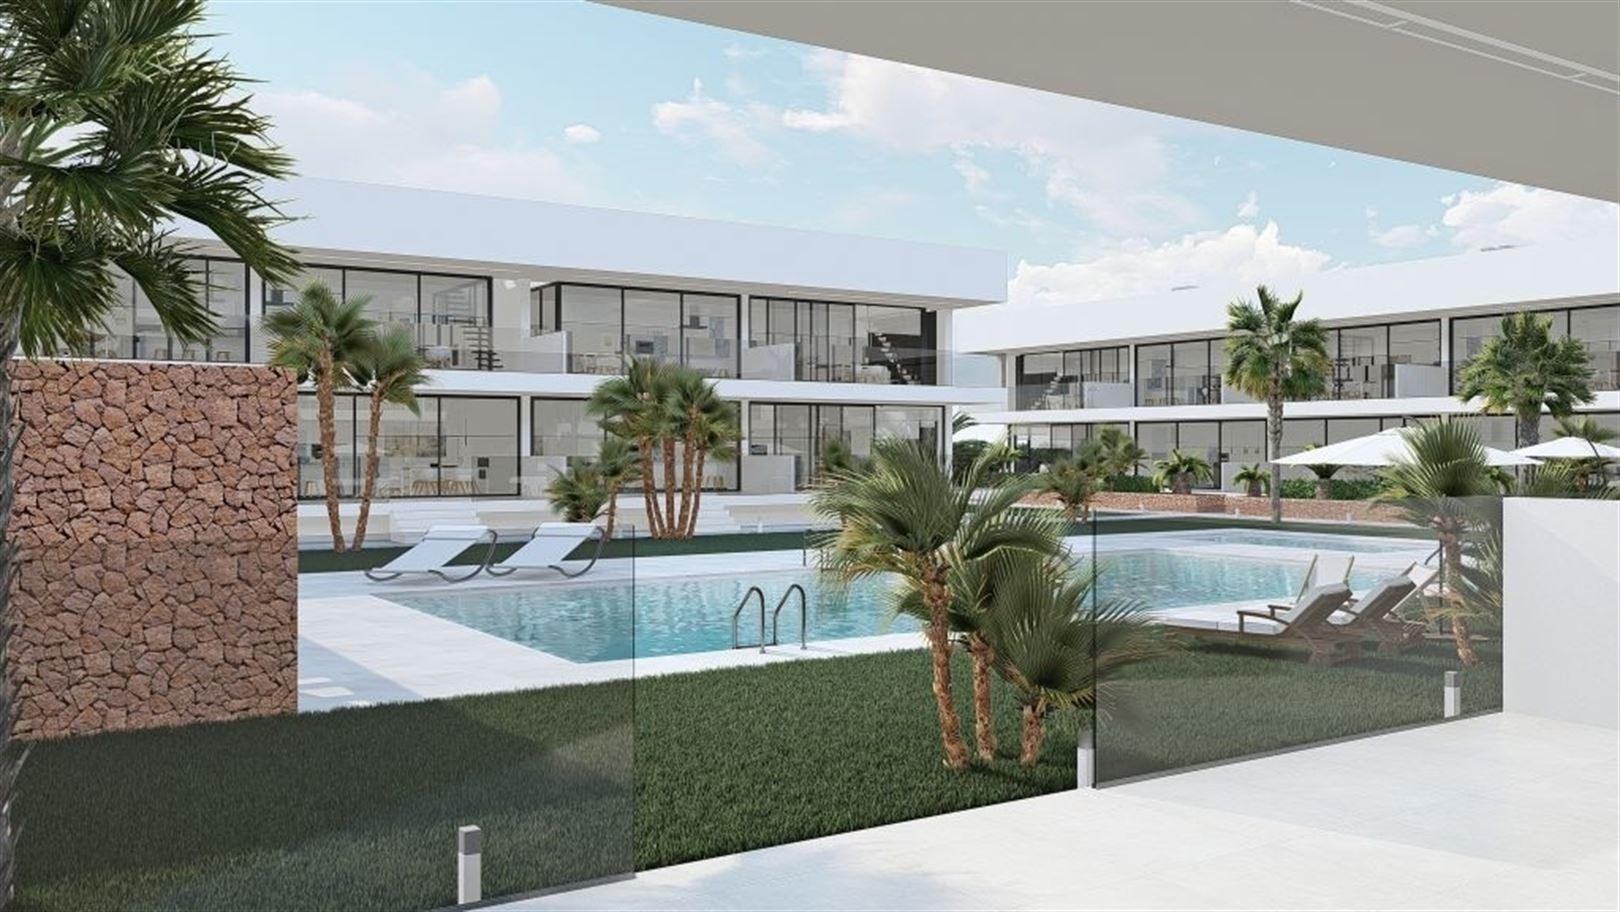 Foto 10 : Appartement te 30384 MURCIA (Spanje) - Prijs Prijs op aanvraag